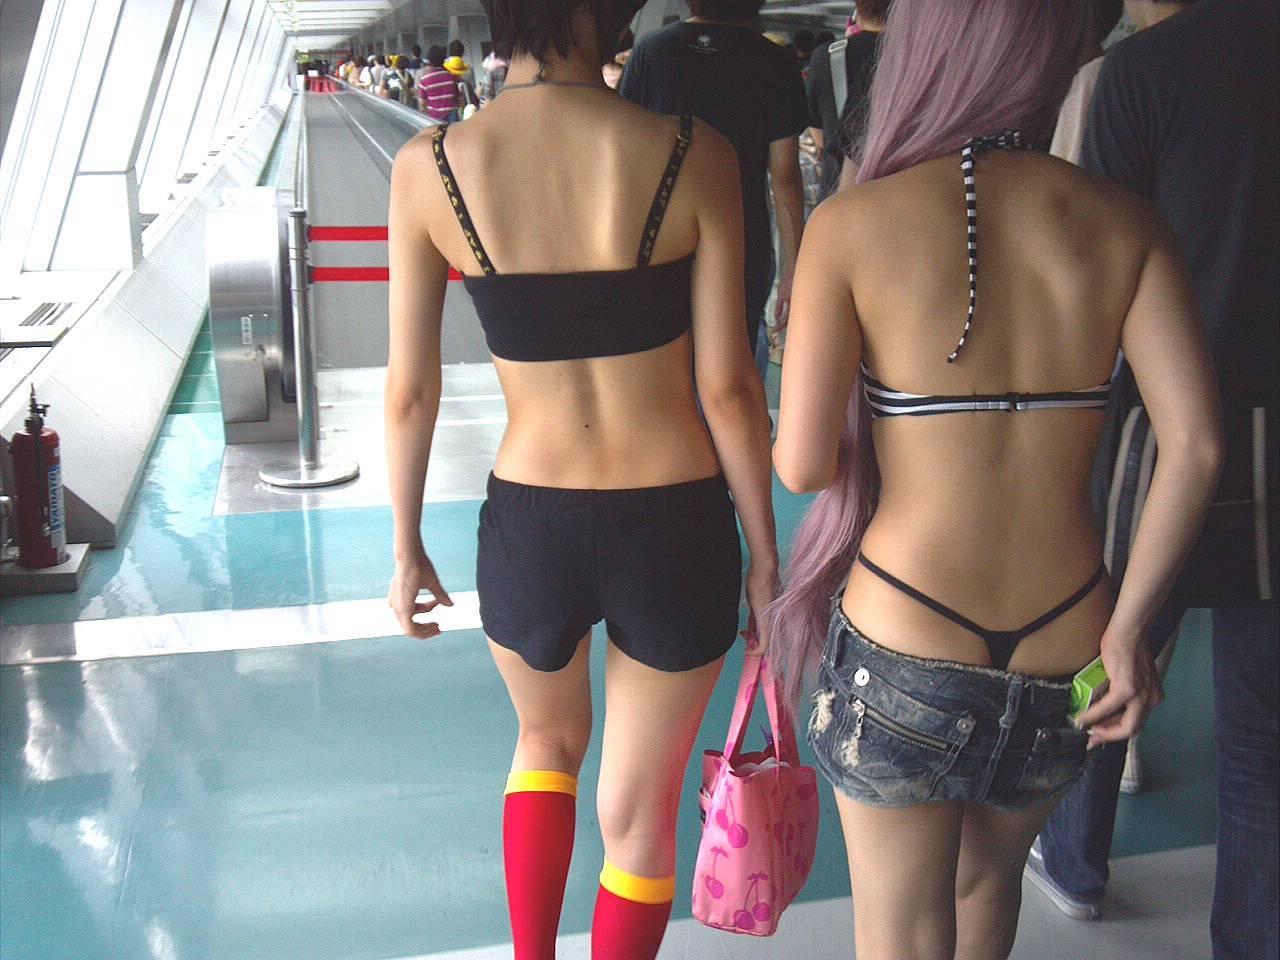 (痴ジョ☆?)見せつけてる様にしか見えないシロウト達のTBACKパンツ丸見え写真